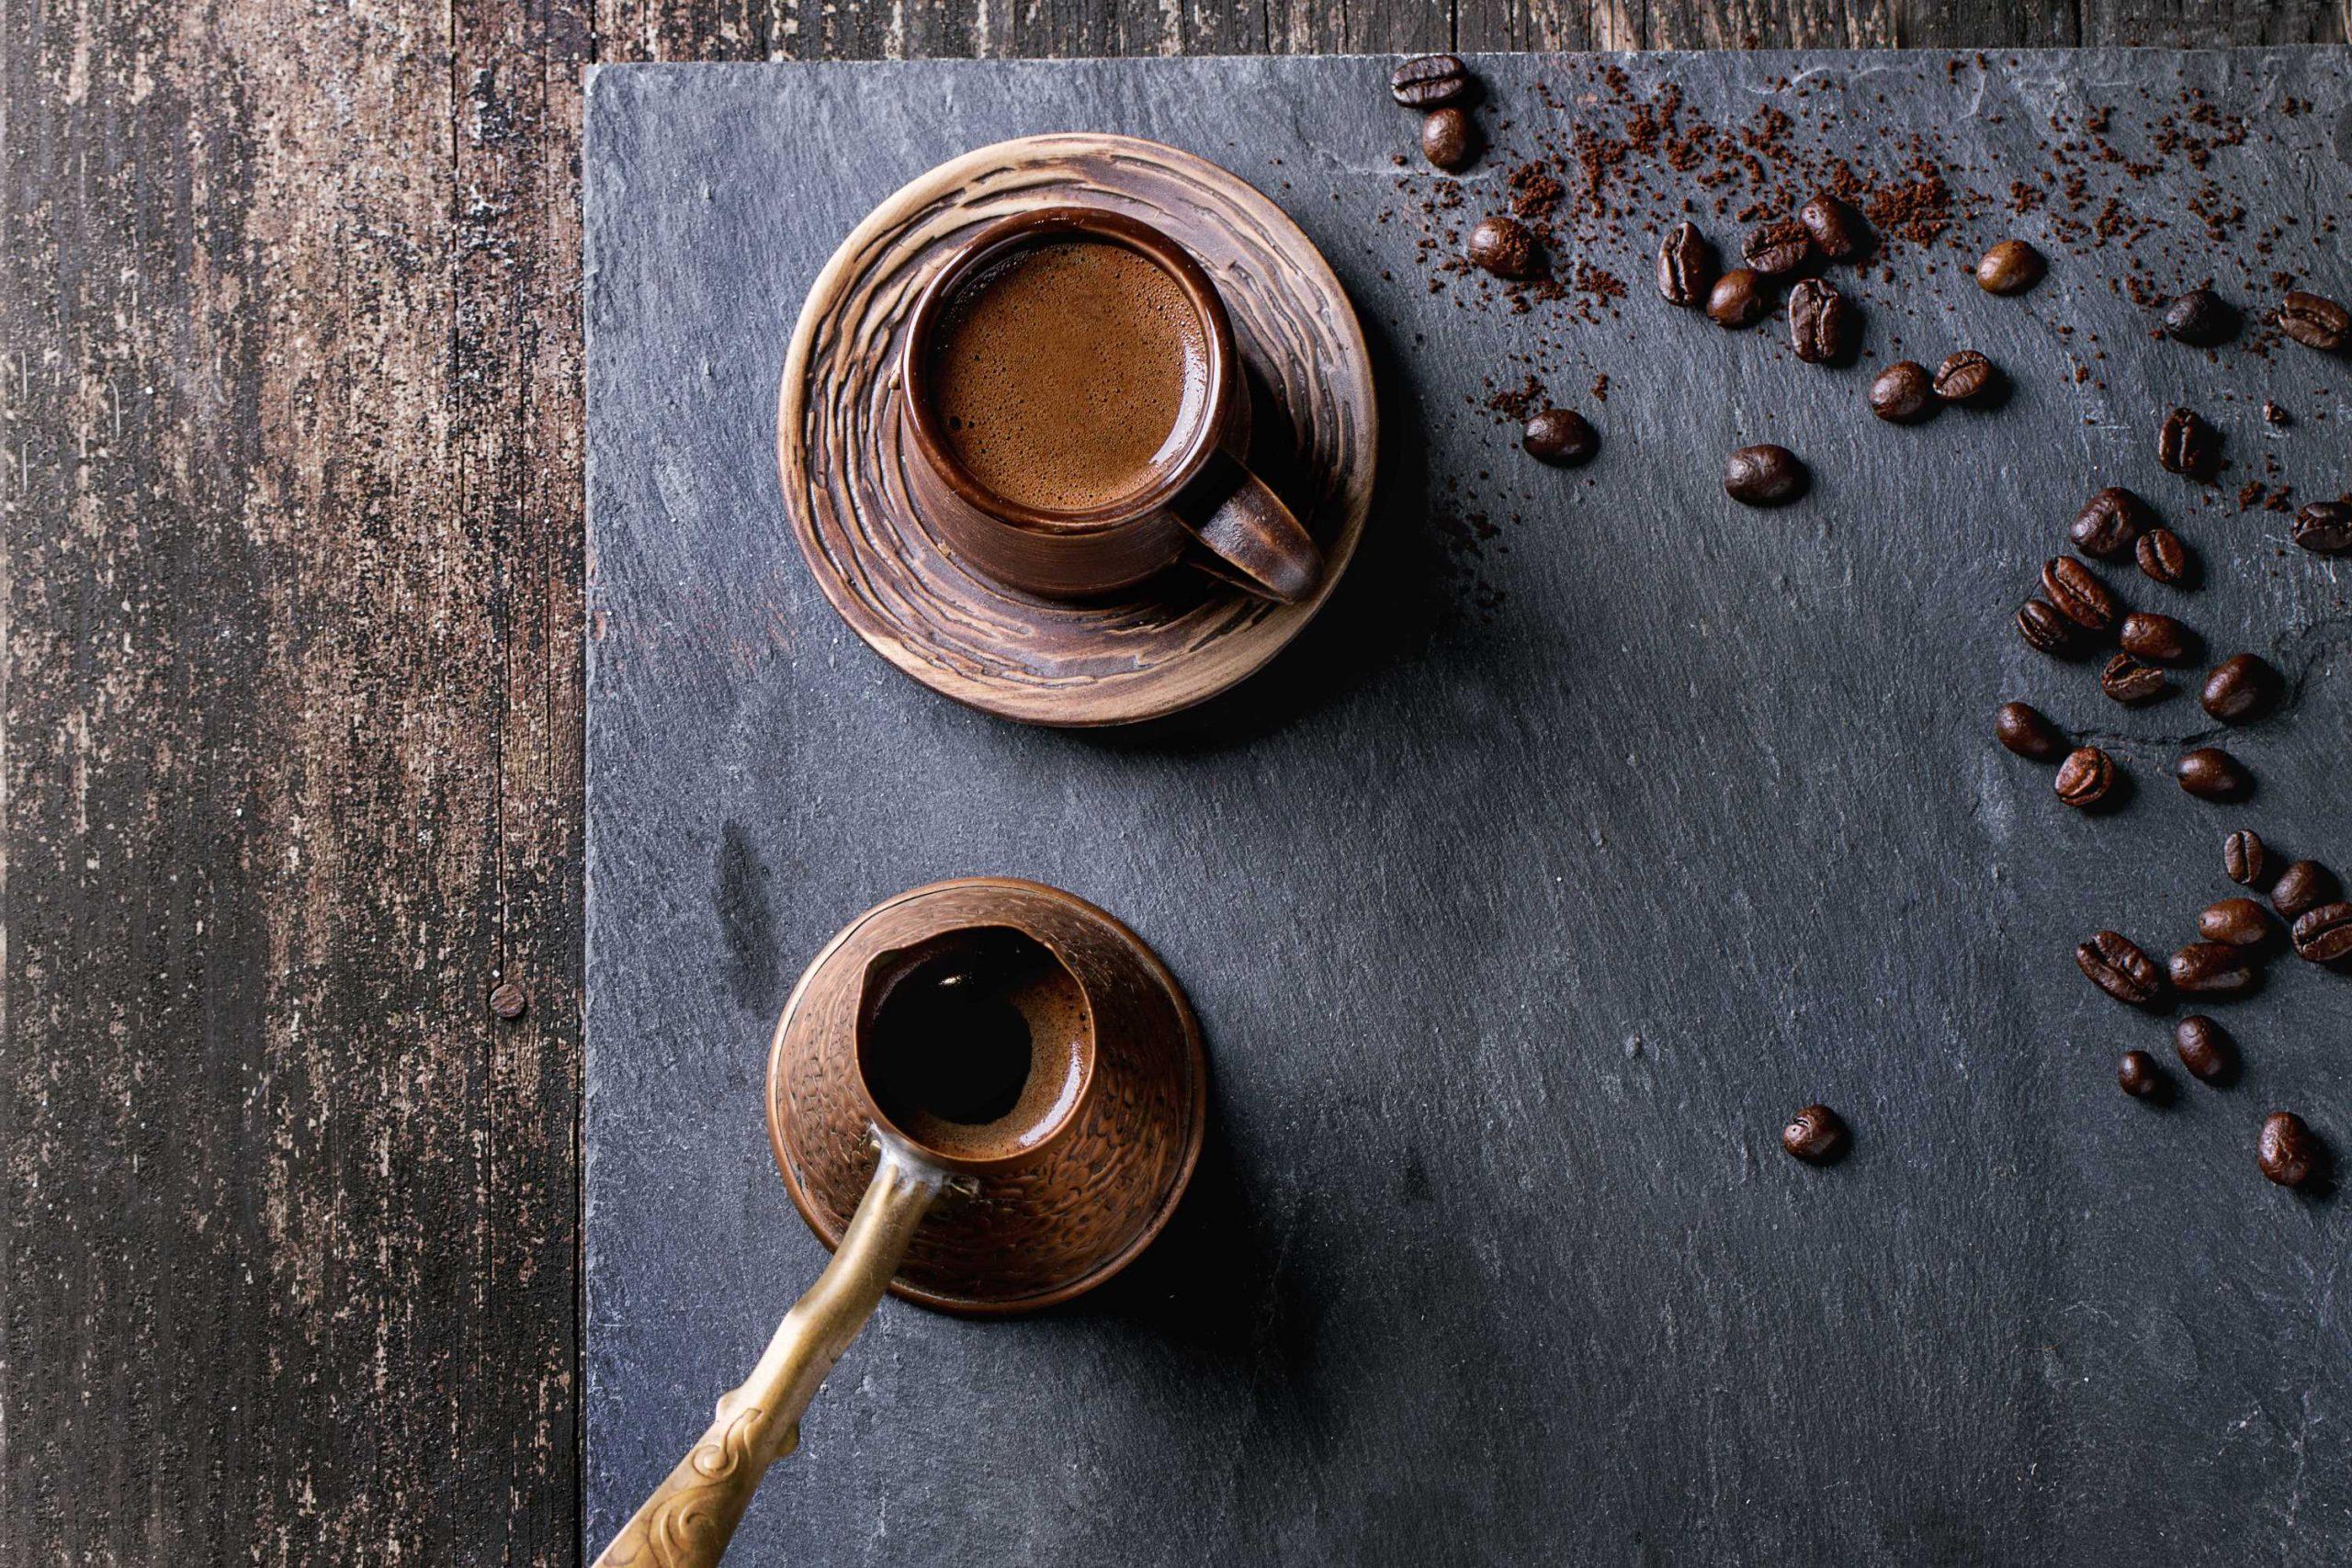 تعرف علي اليوم العالمي للقهوة